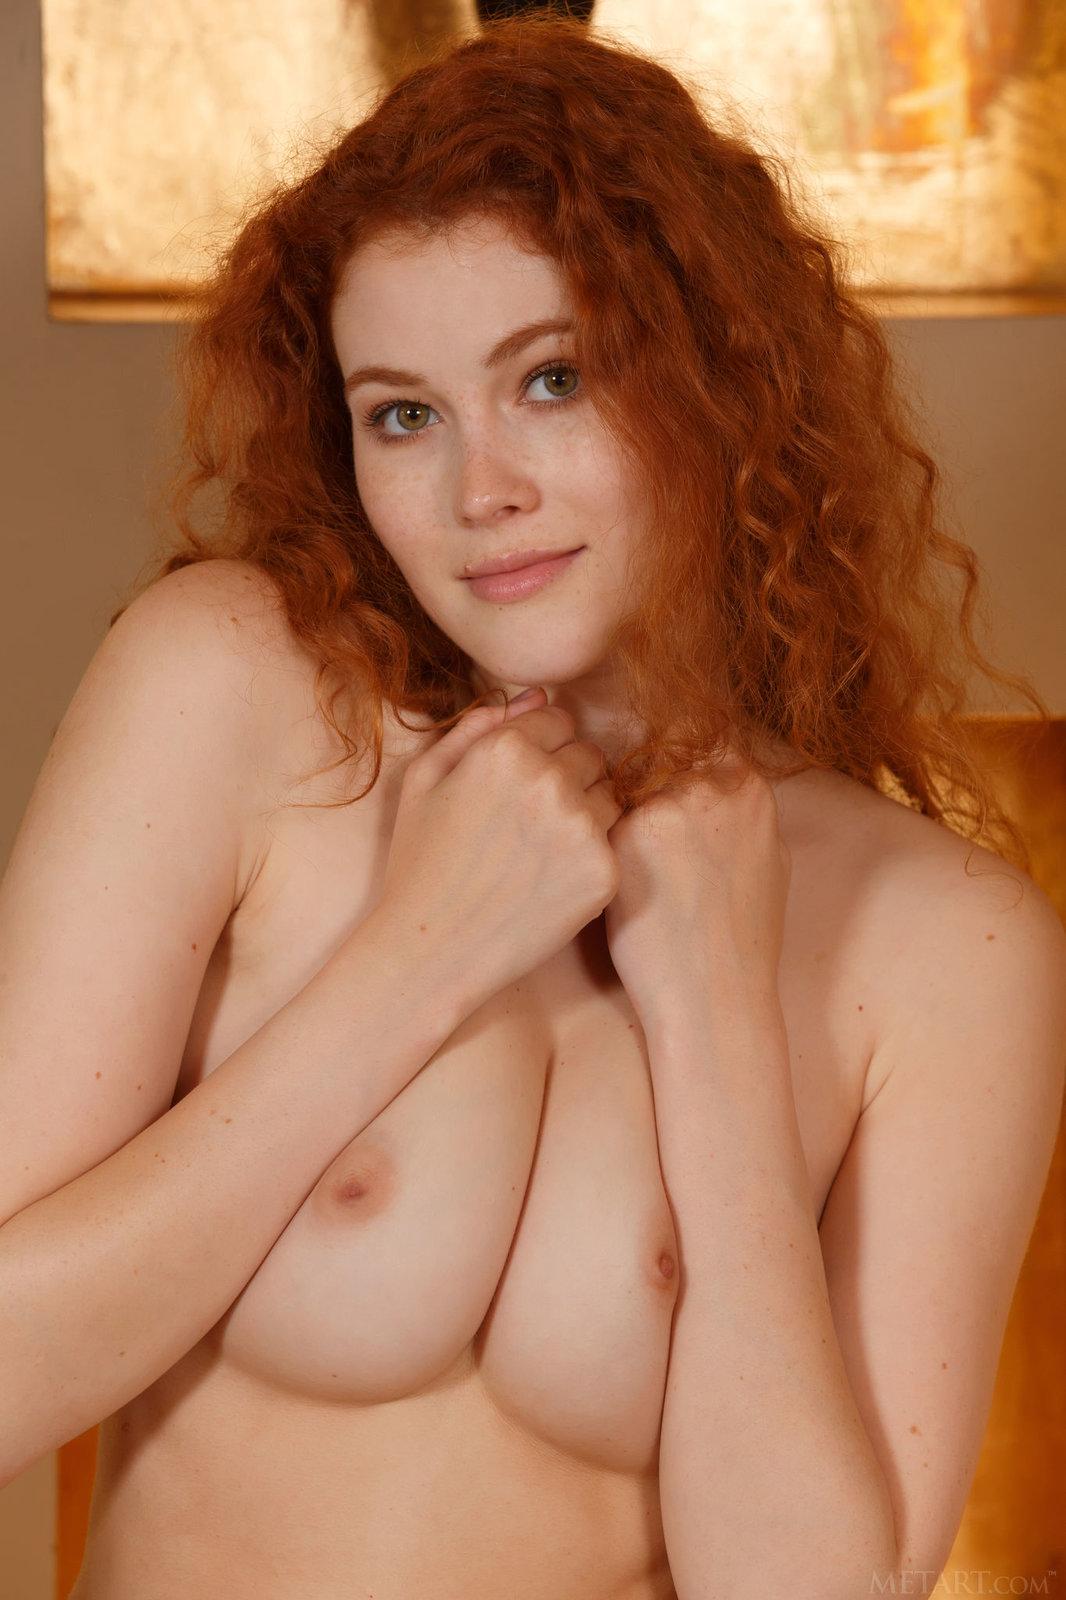 Zdjęcie porno - 098 - Kręcone rude włosy